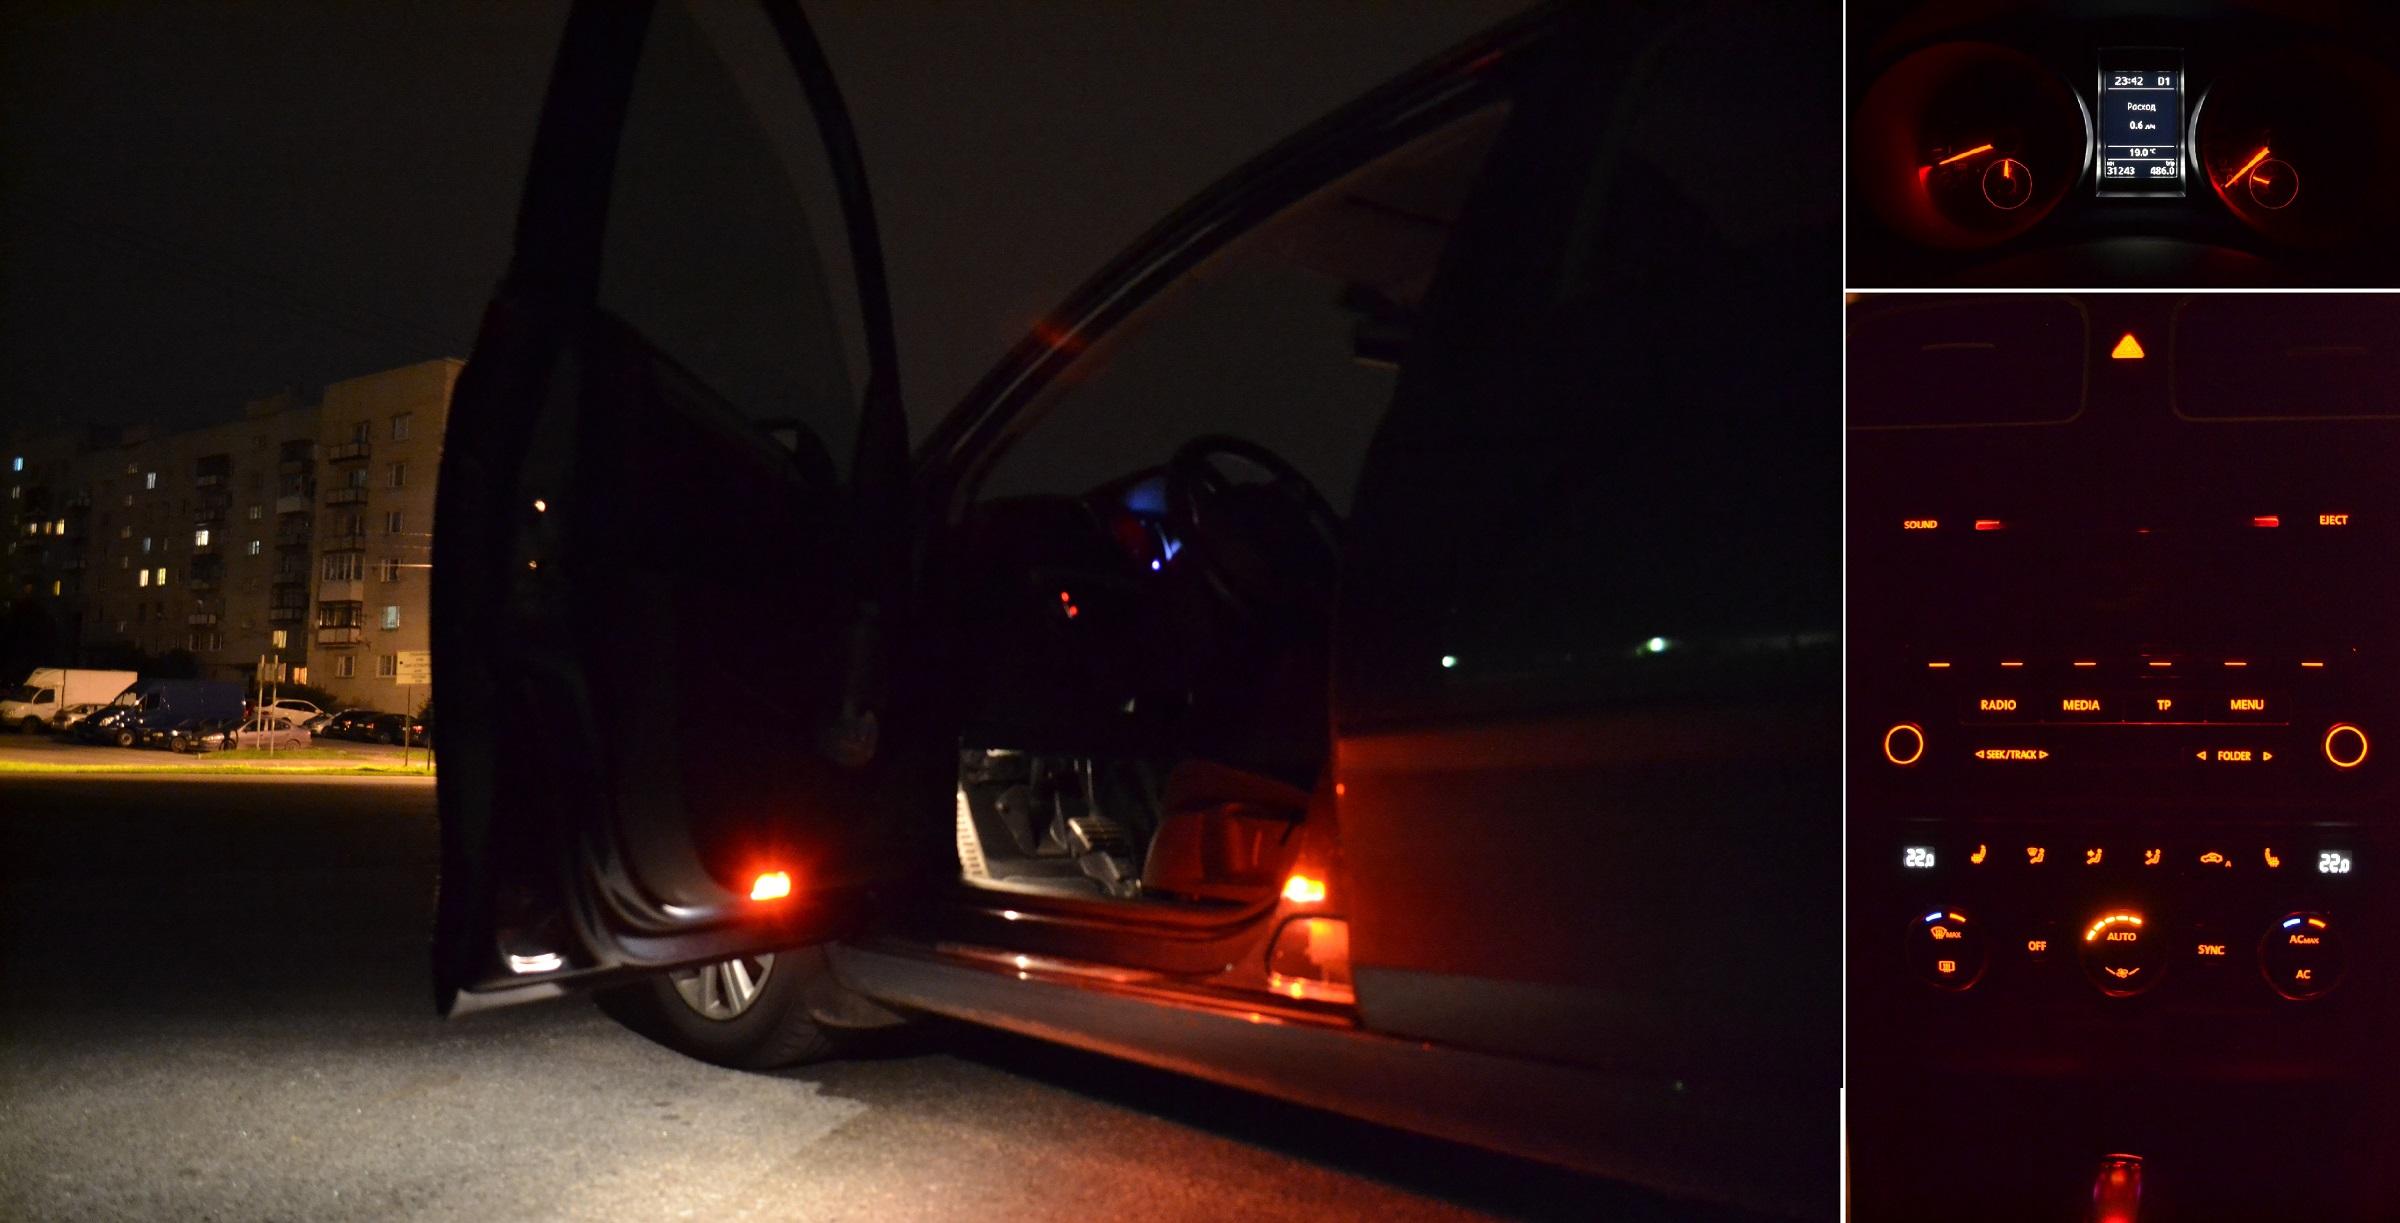 установка подсветки в двери фольксваген джетта6